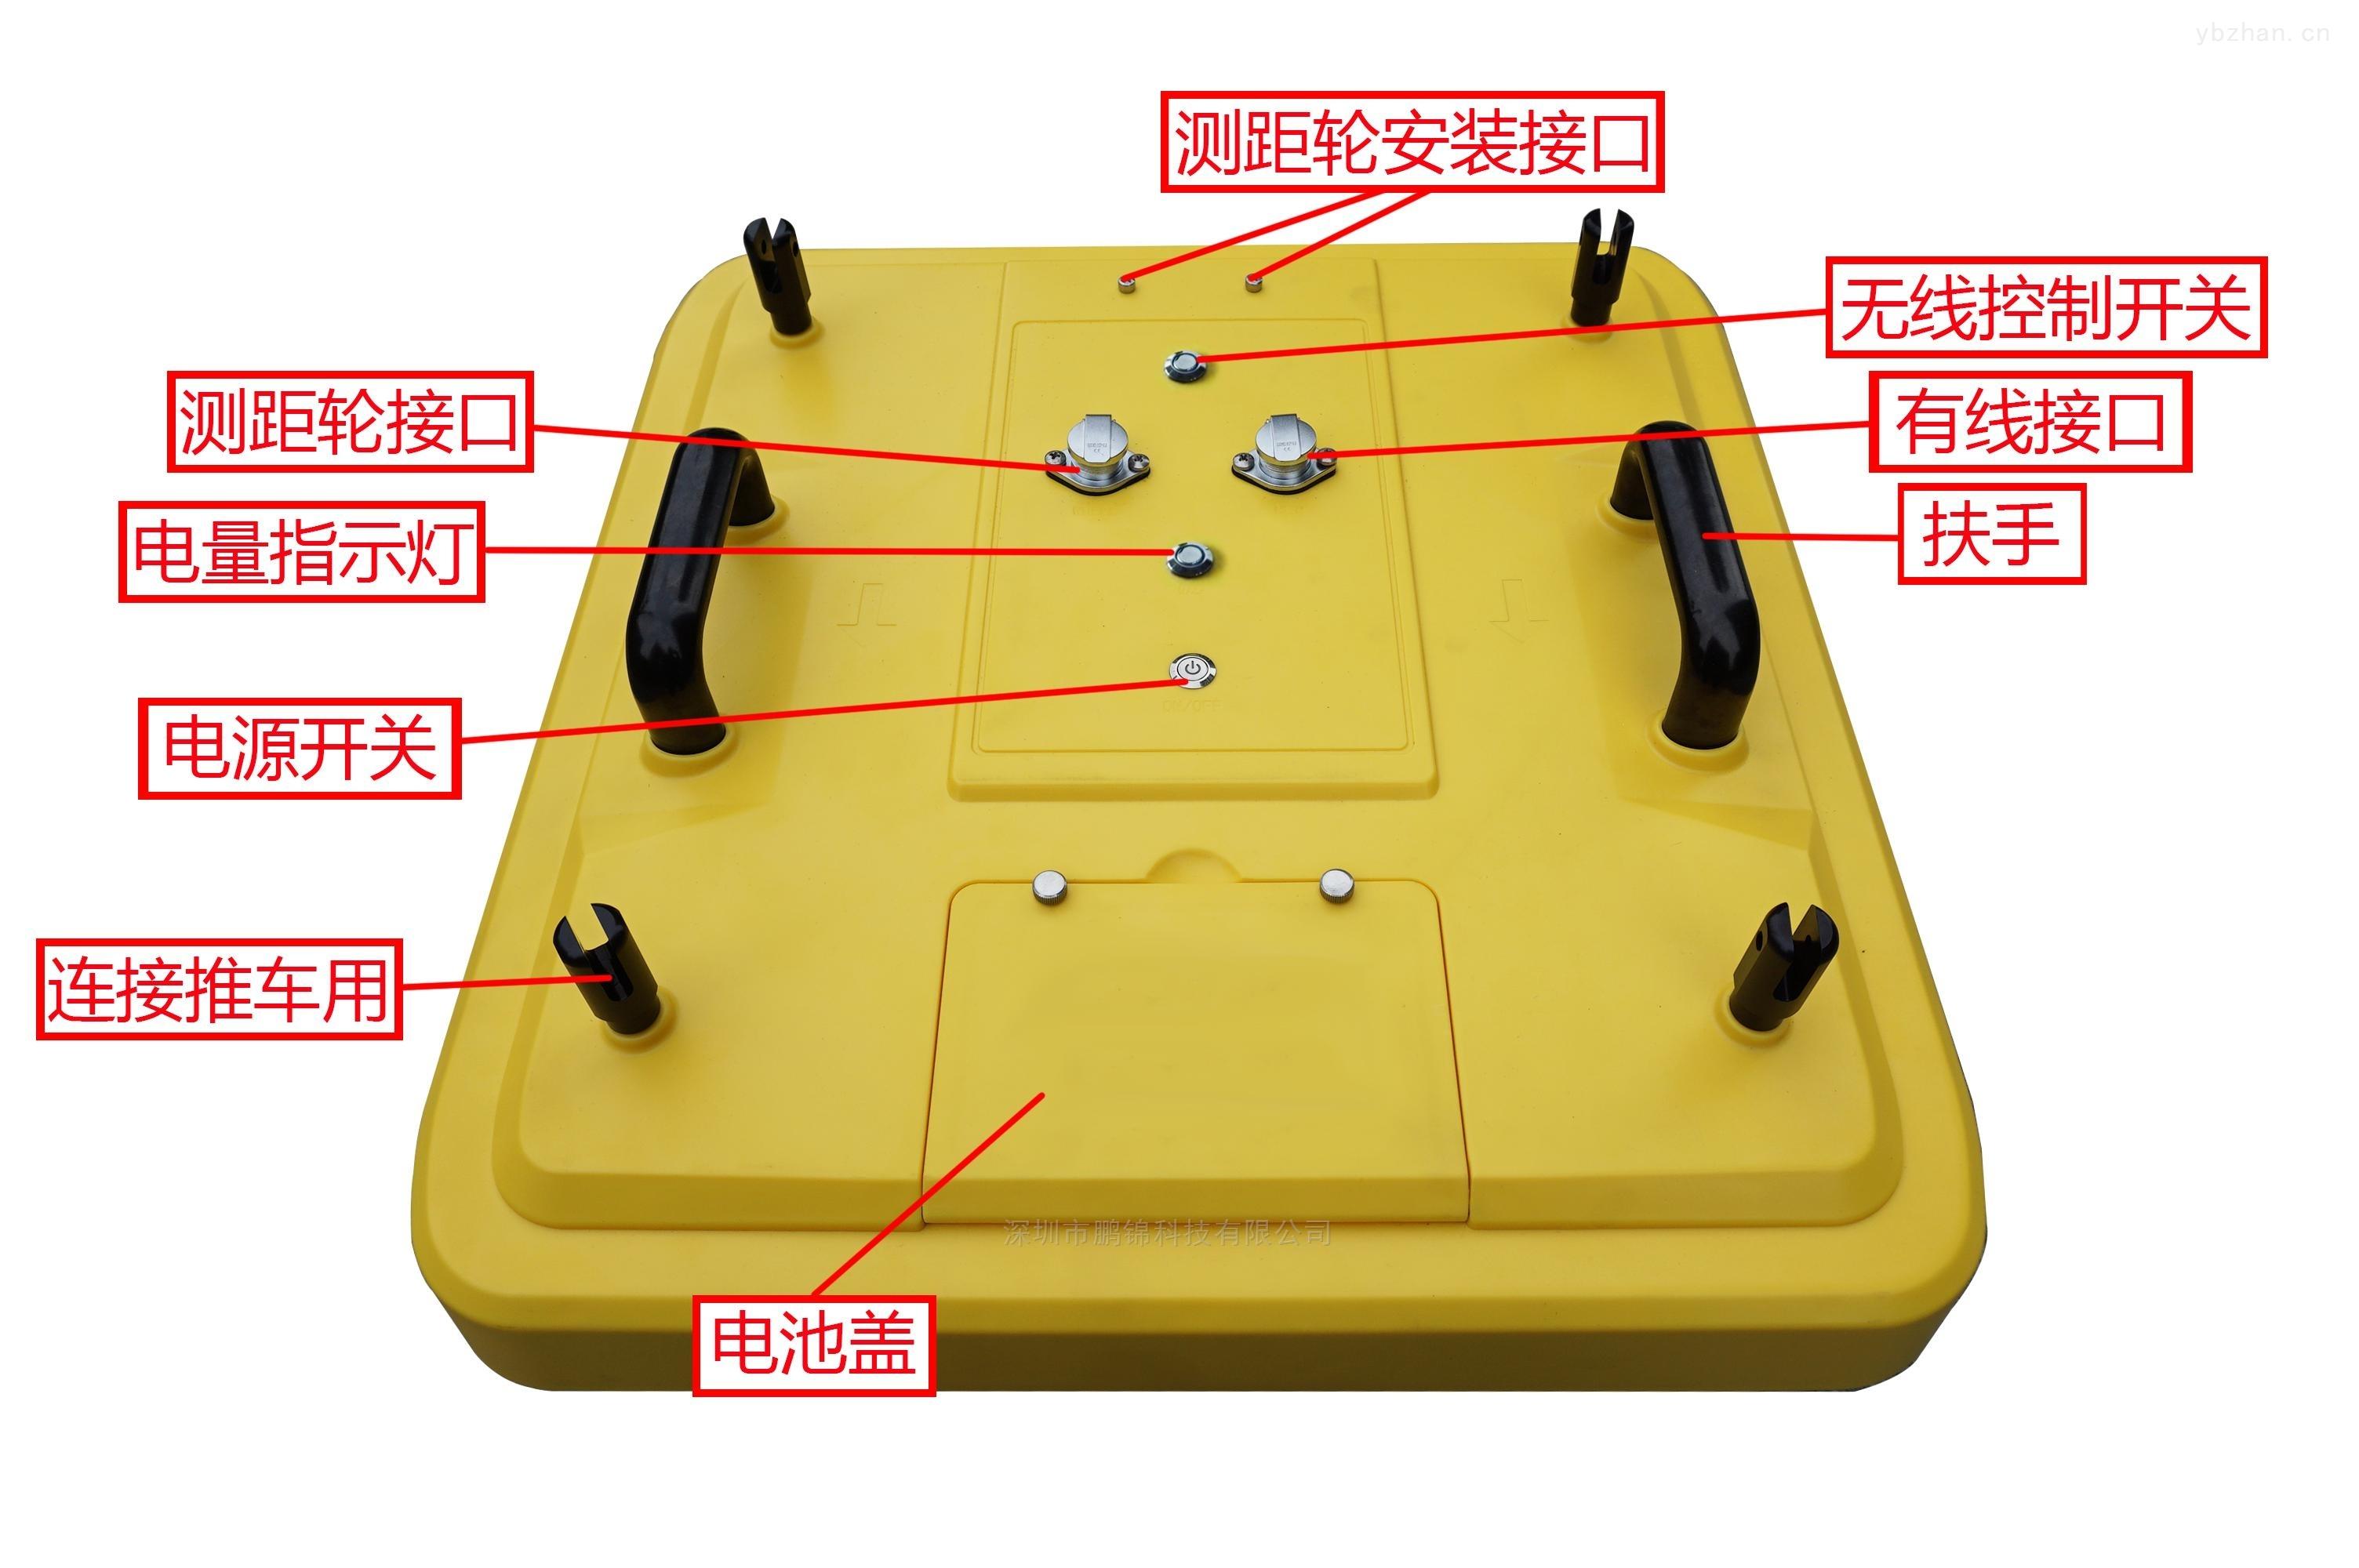 0-8米下水道污水管探测探地雷达